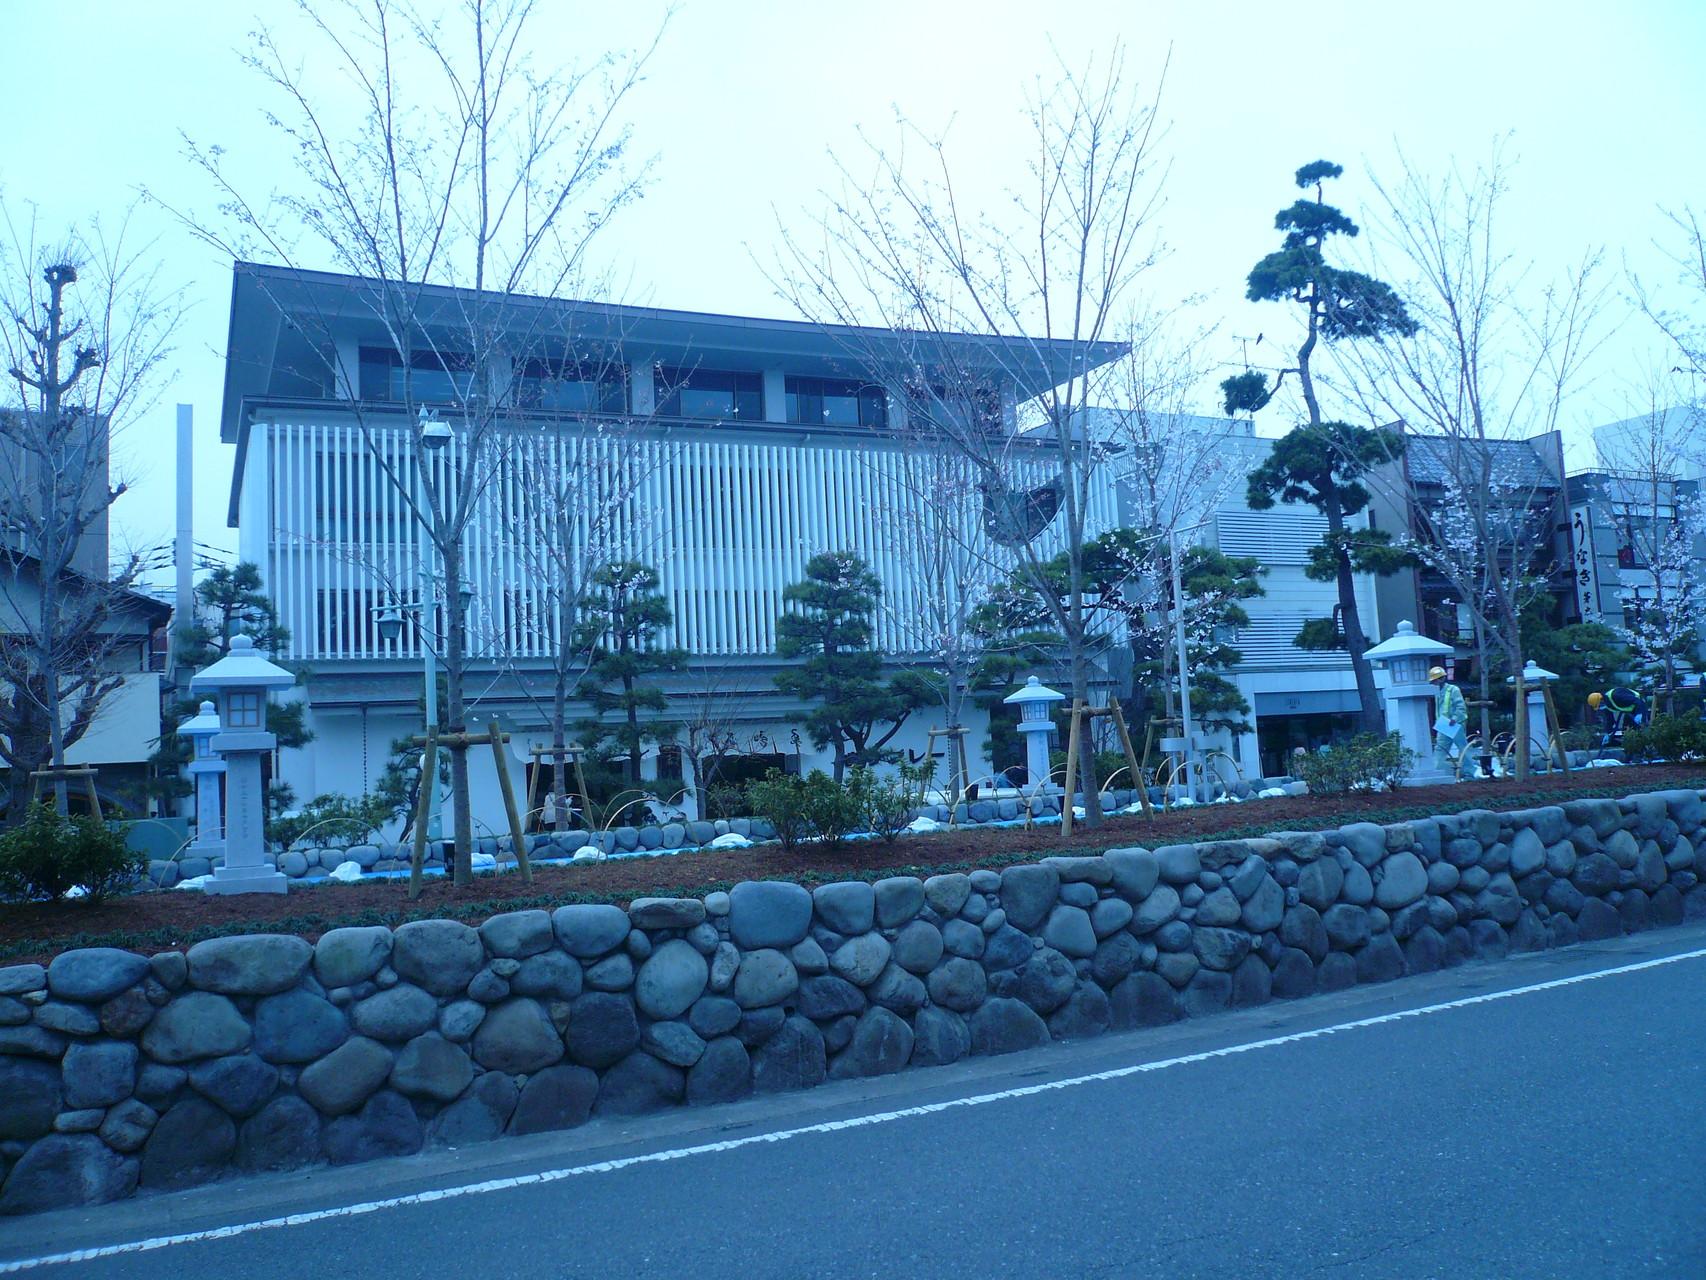 鎌倉駅まで来て囲いの撮れた段葛。豊島やがみれます